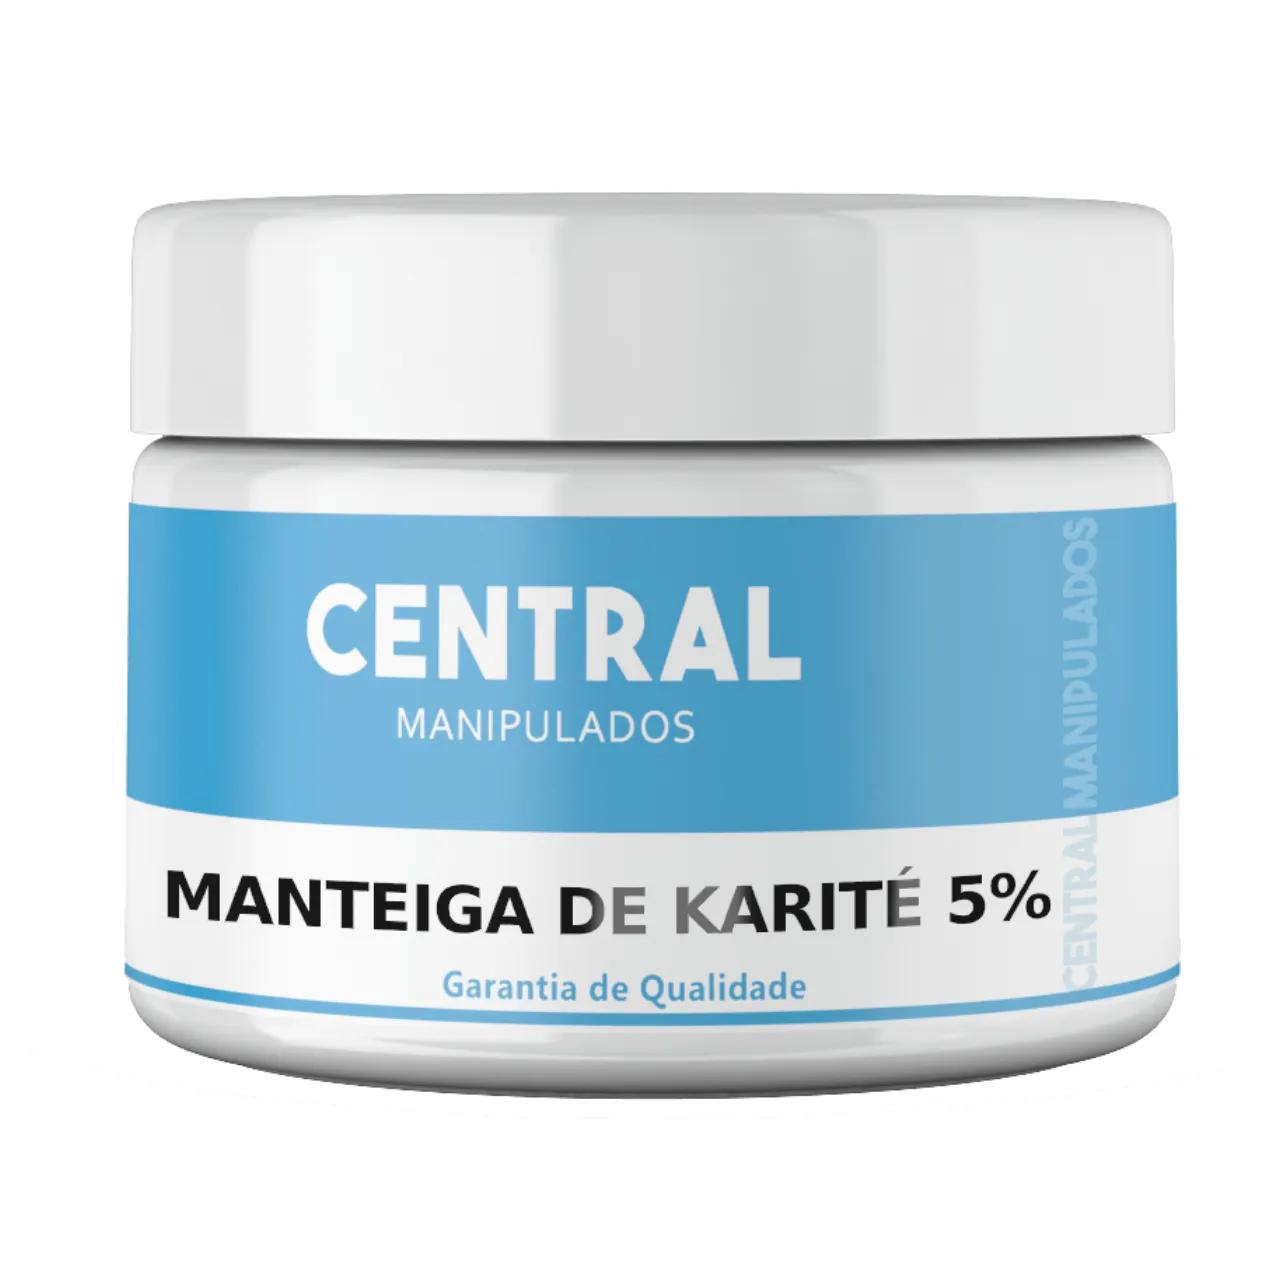 Manteiga de Karité 5% Creme 100g - Hidratante e Antioxidante, Ideal para peles secas e áreas como joelho e cotovelo